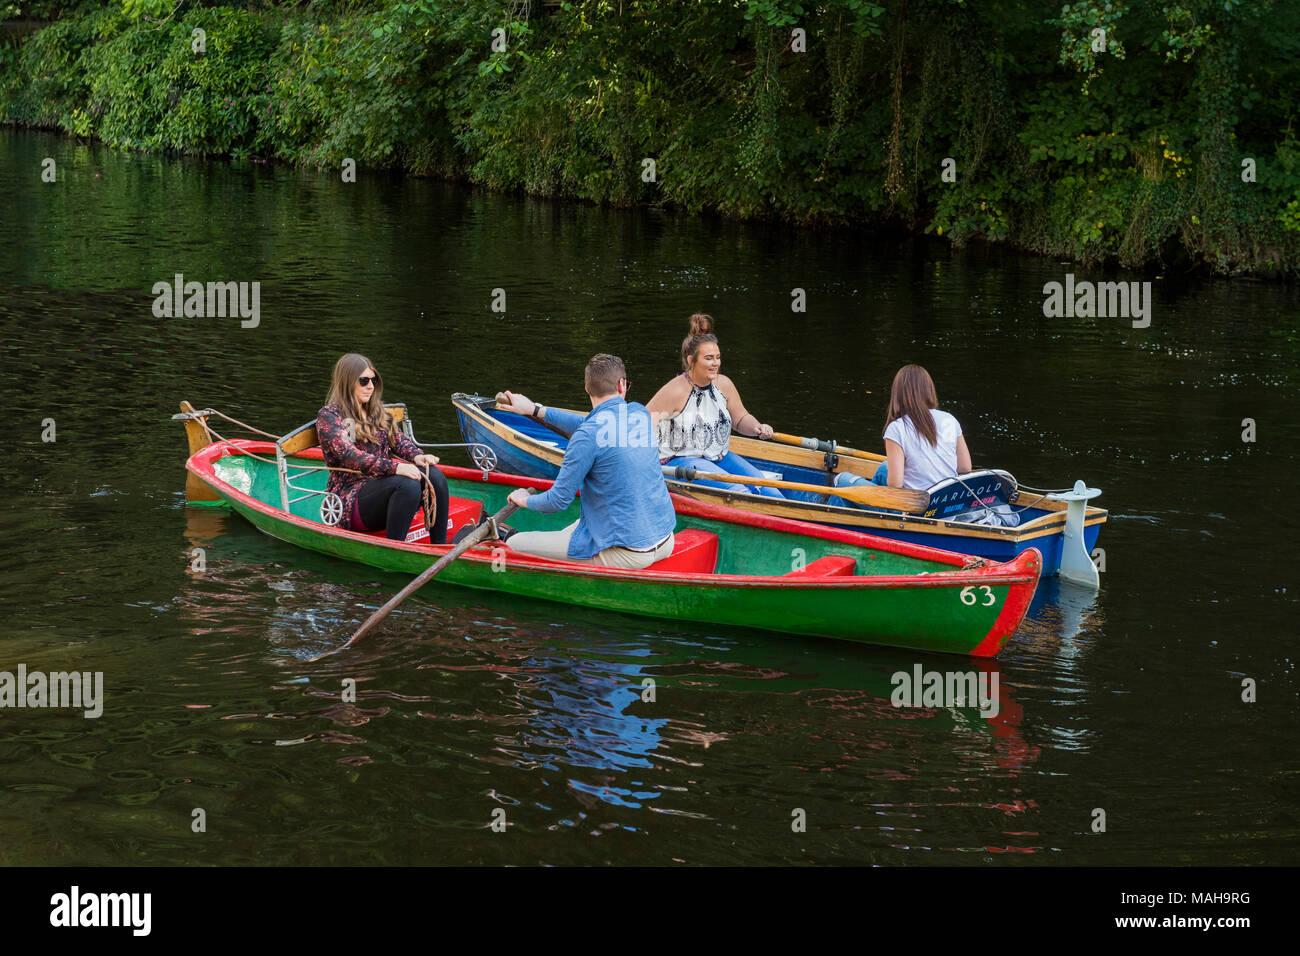 4 persone in barca a coppie, relax e divertimento in 2 barche a remi a fianco a fianco e in procinto di collidere - Fiume Nidd in estate, Knaresborough, Inghilterra, Regno Unito. Immagini Stock